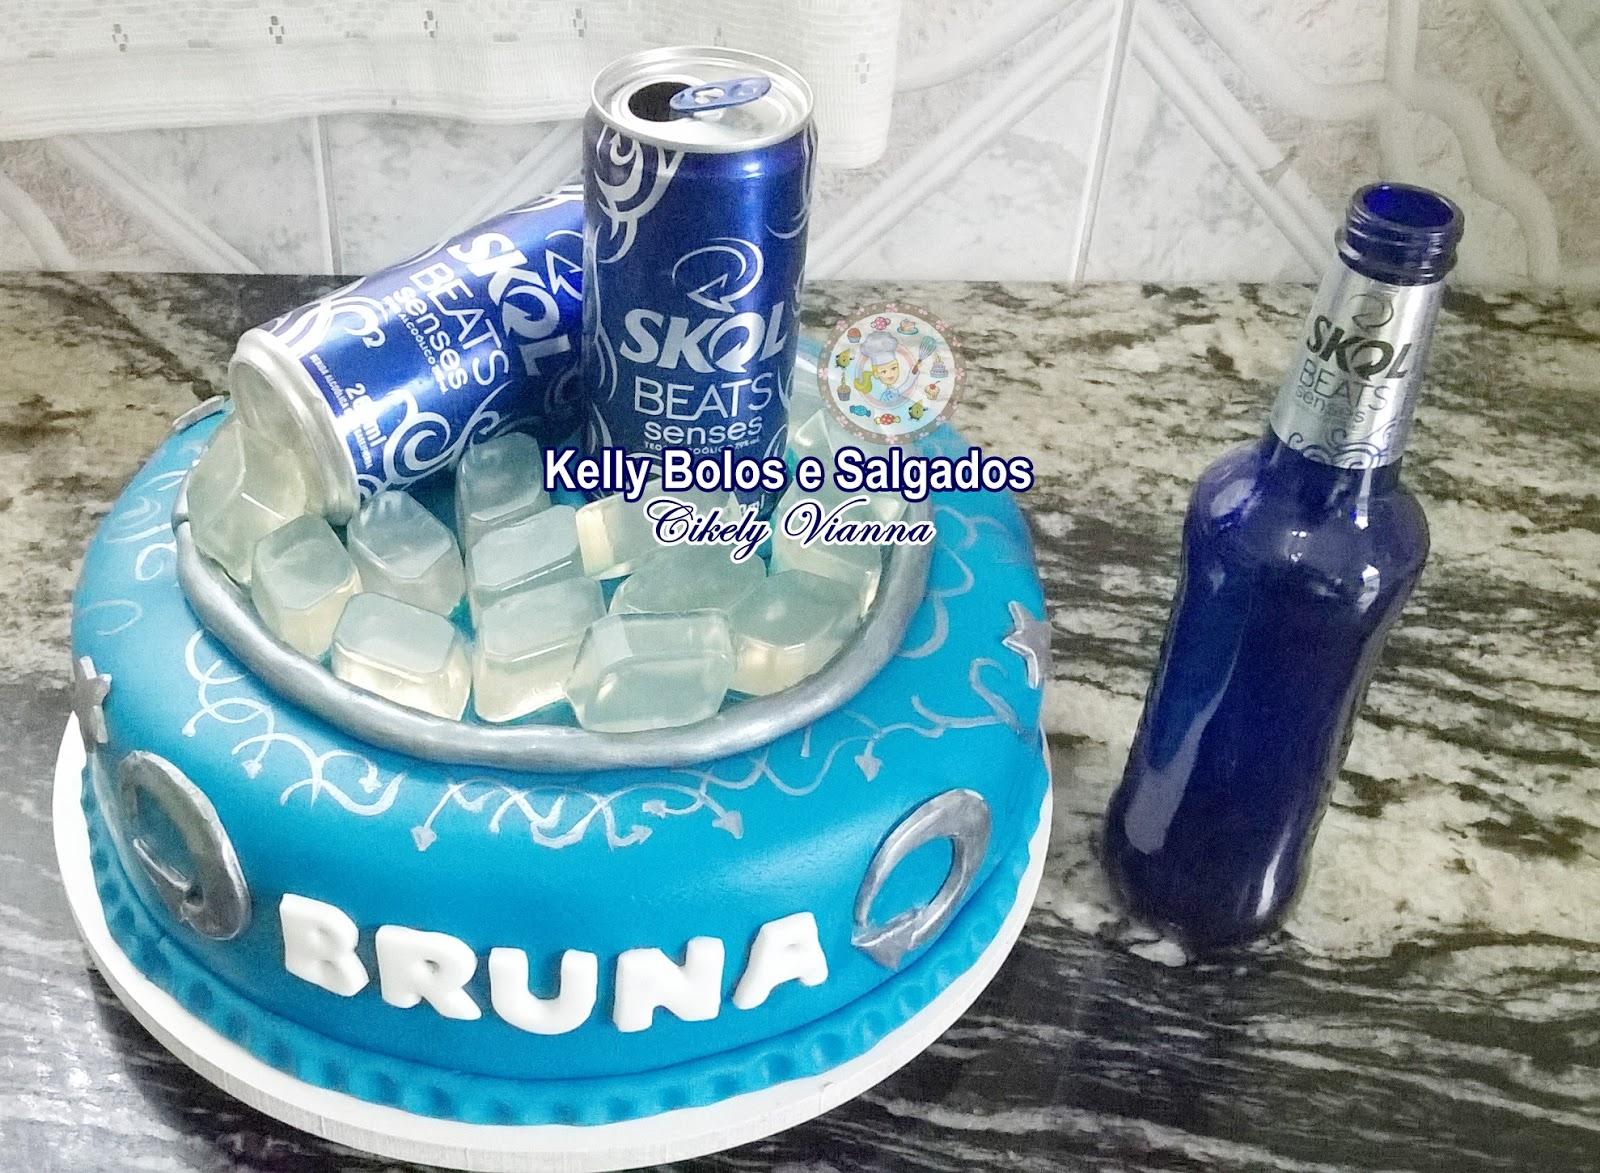 Populares Kelly Bolos e Salgados: Bolo Cerveja Skol Beats YU82